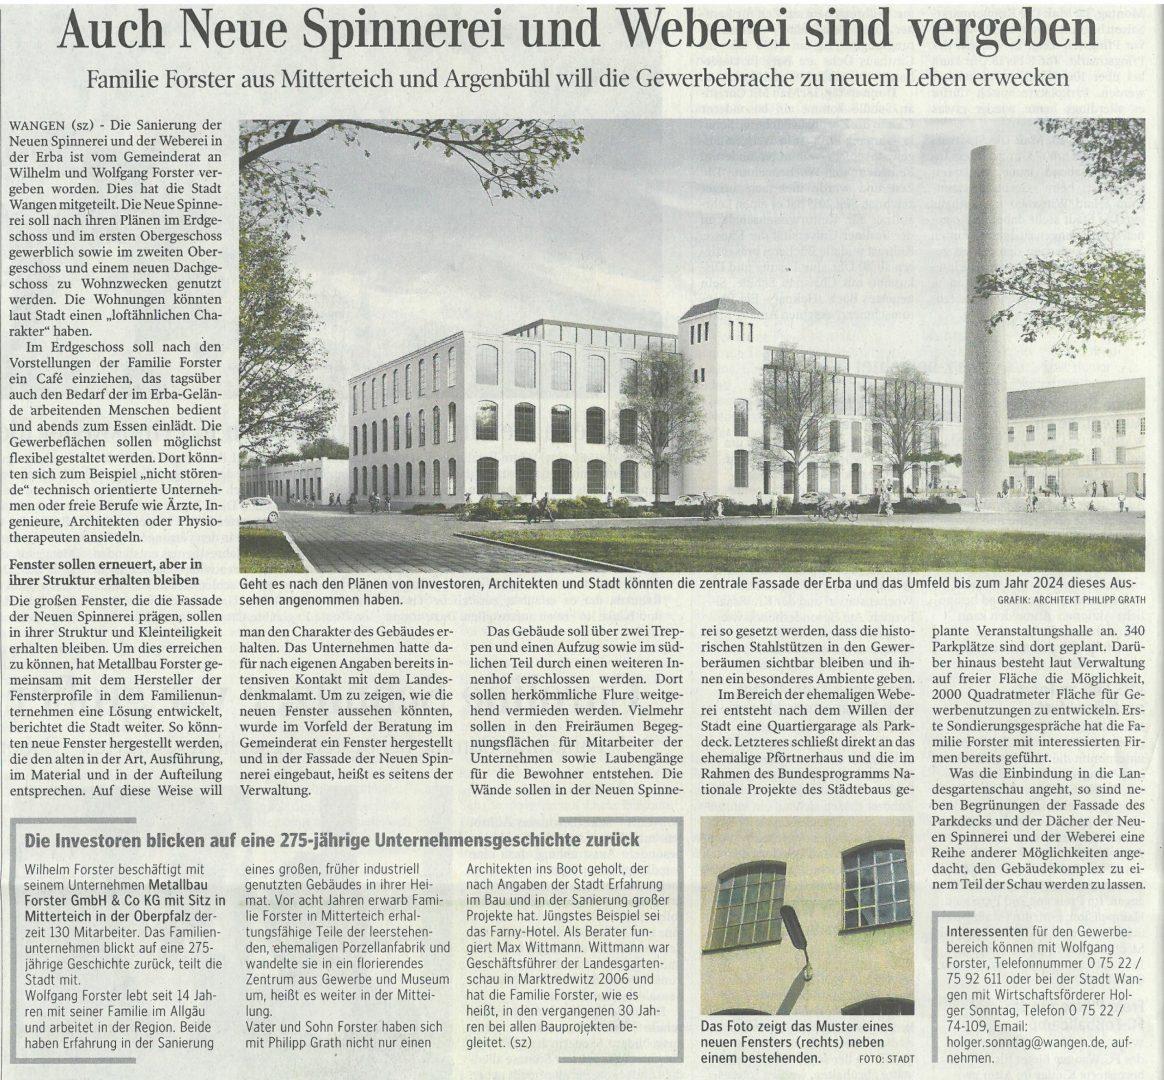 Schwäbische Zeitung 20170515_1